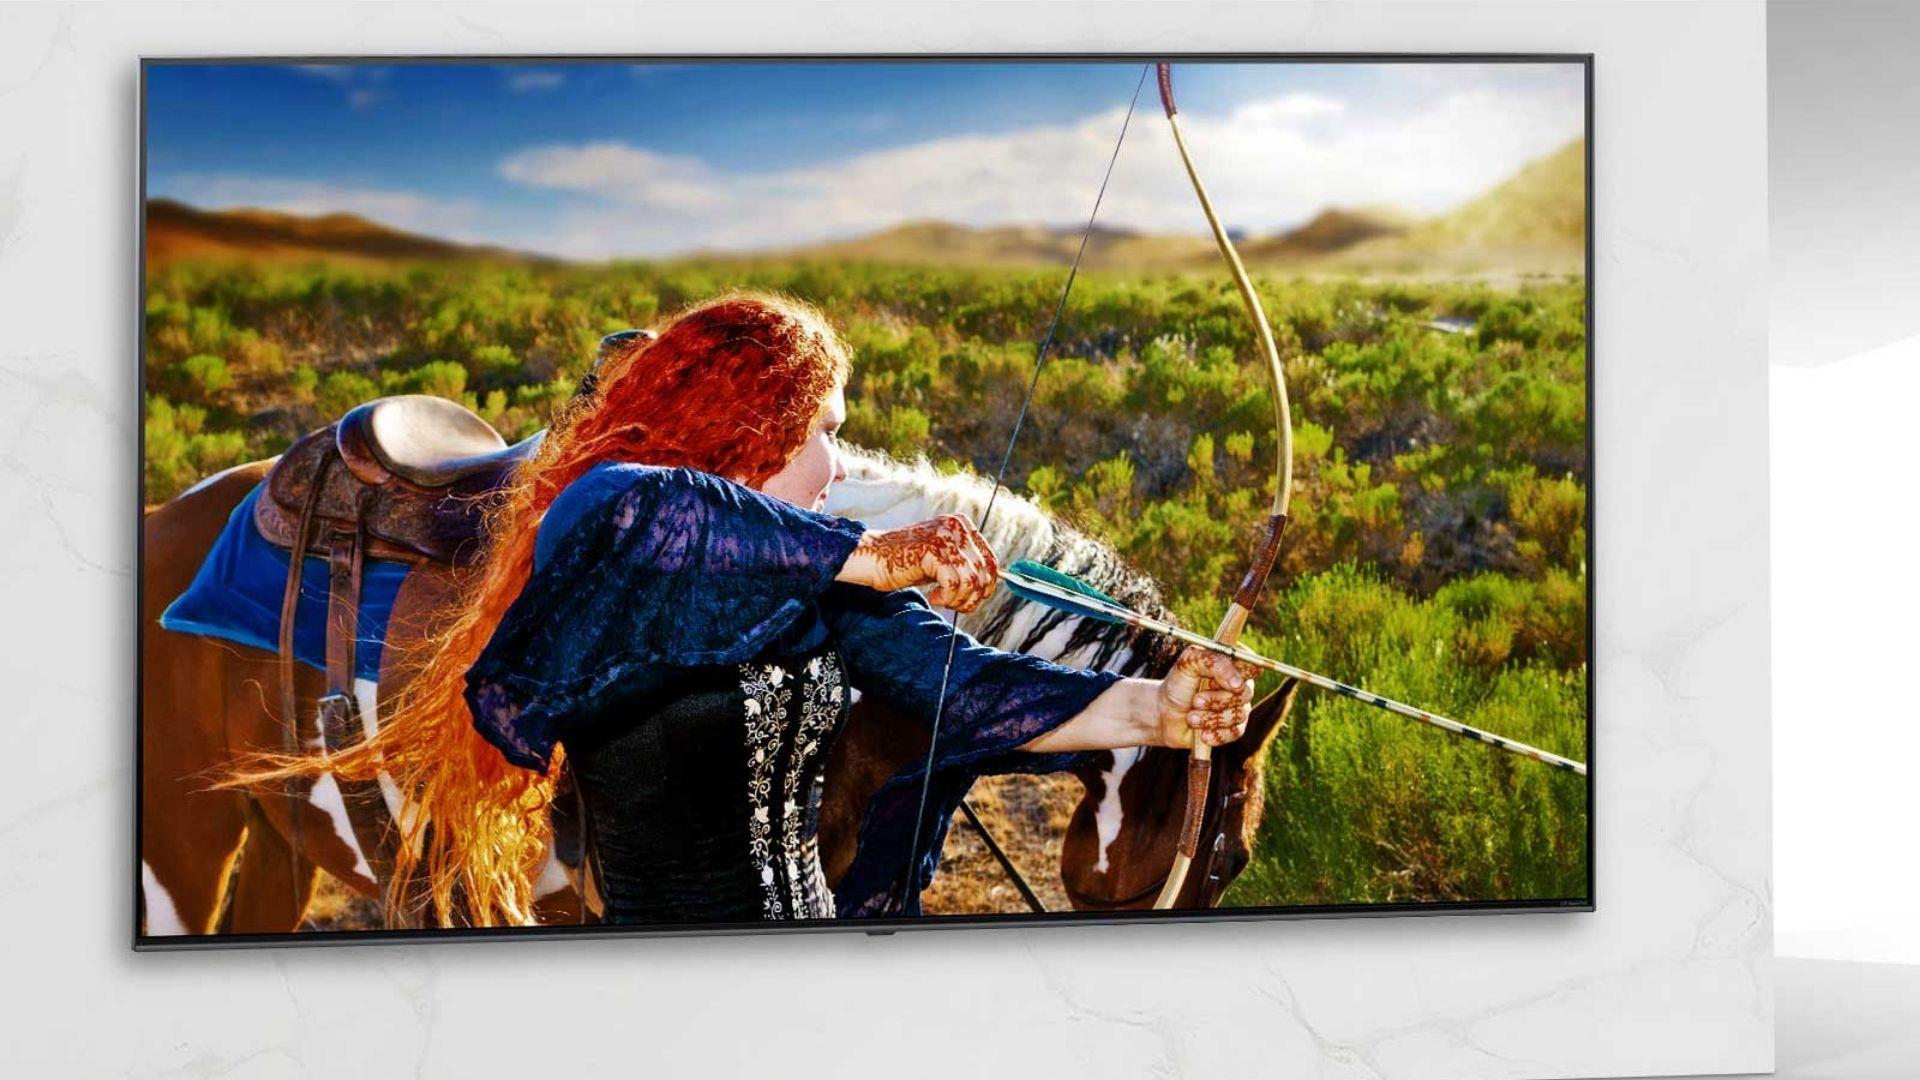 LG NANO86 é um dos modelos mais parrudos da linha NanoCell 2020 da marca. (Imagem: Reprodução/LG)